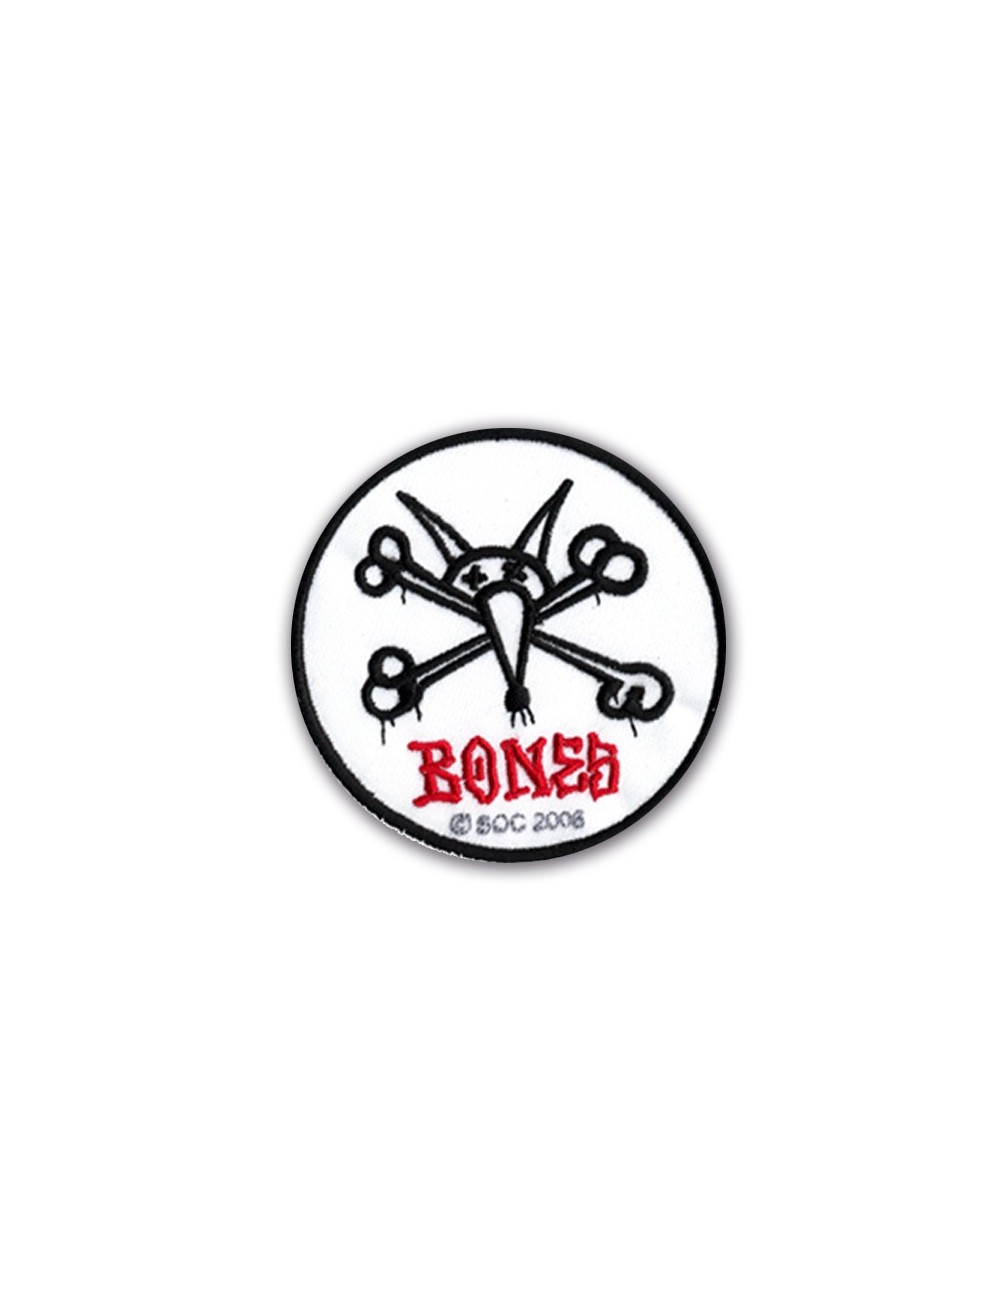 Bones Vato Rat Skateboard Parche